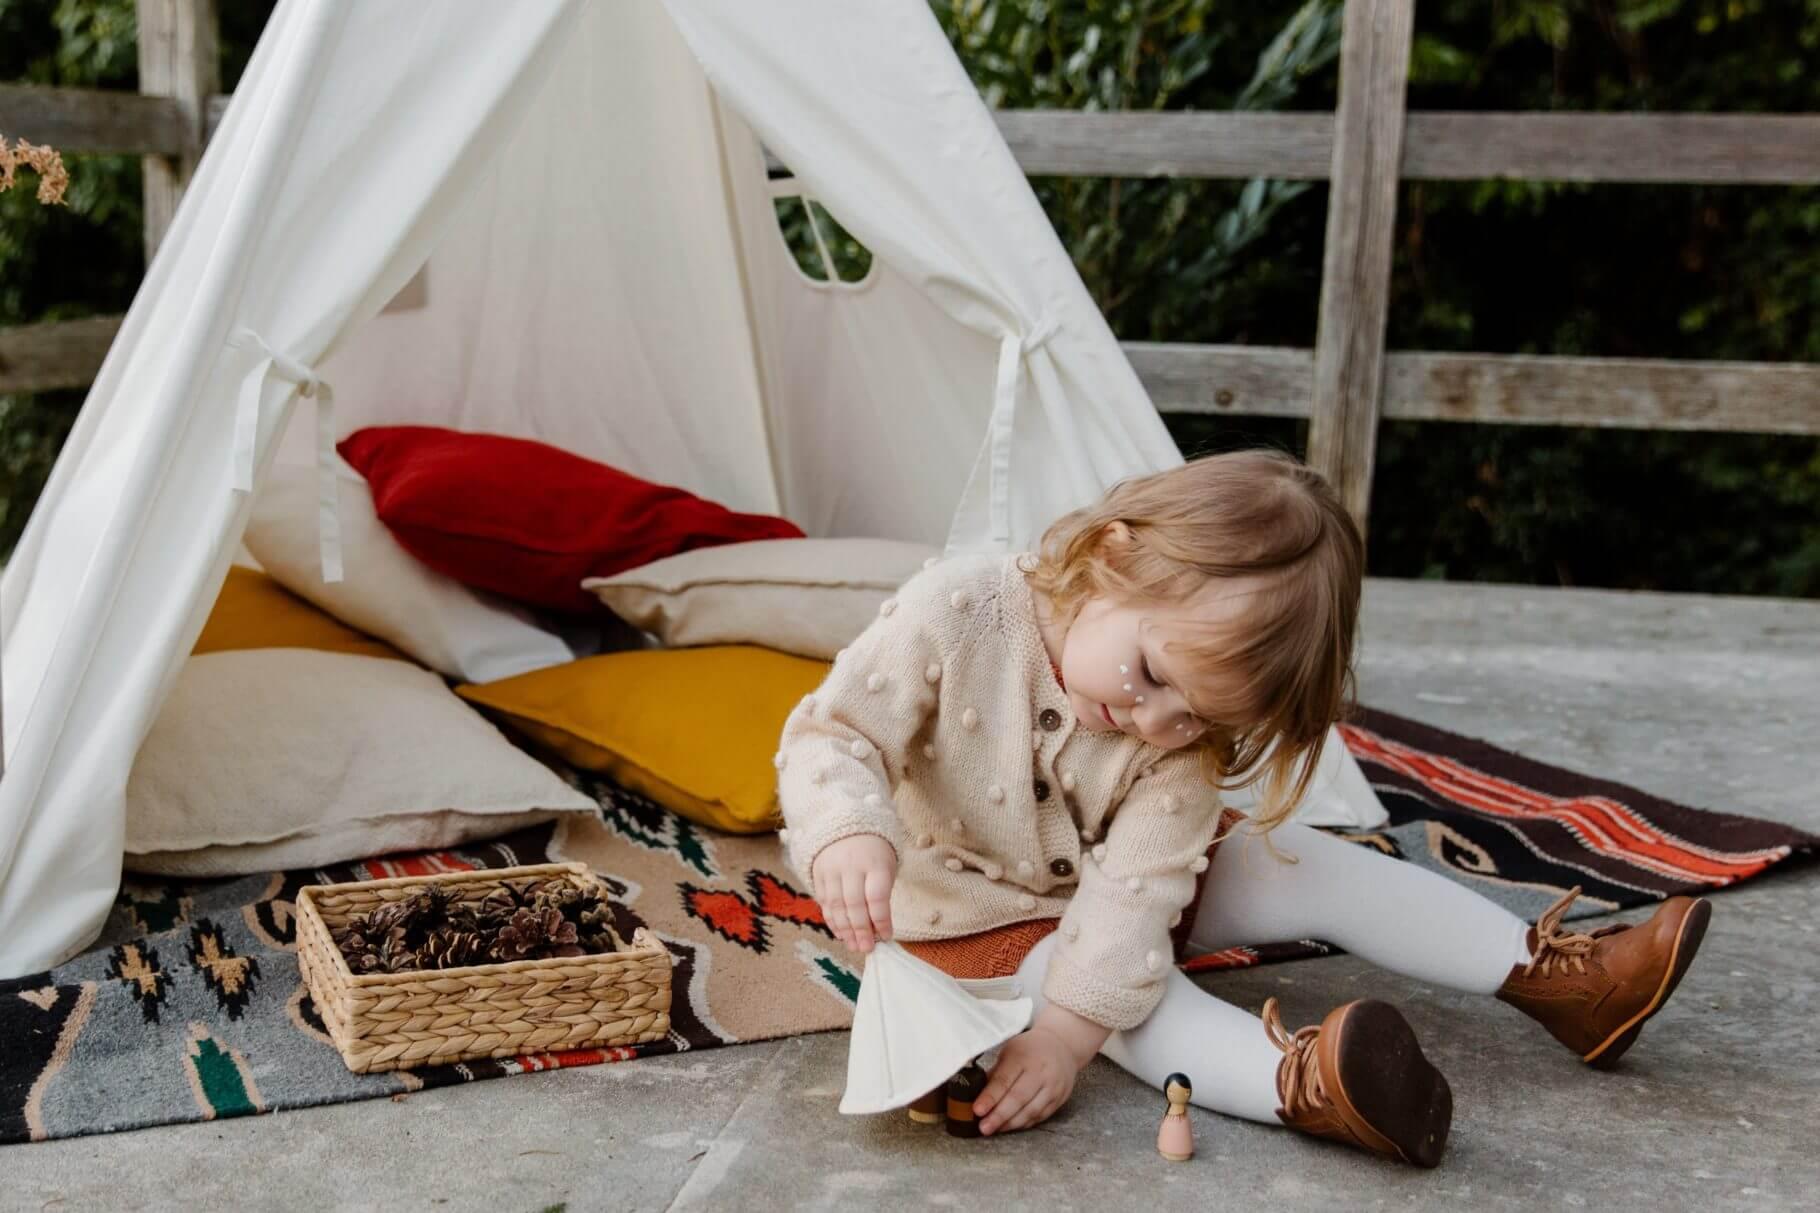 Åtta tips om reträttplatser för barn och unga i övermäktiga situationer